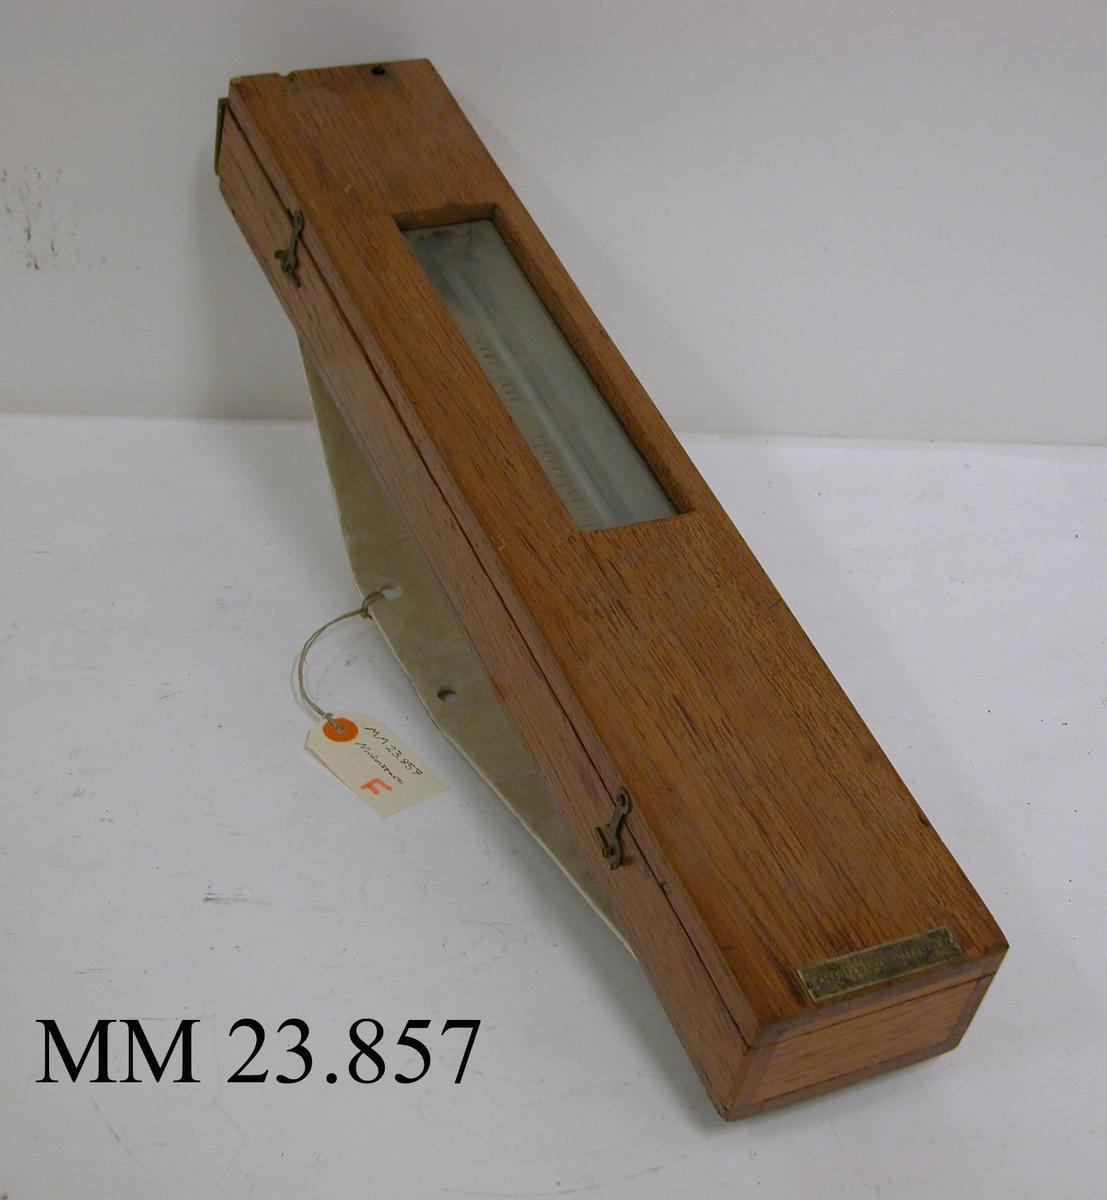 Långsmal rektangulär trälåda innehållandes en nivåmätare för ångtryck i pannrum ombord på jagare, kryssare etc. På trälådans framsida finns ett mindre glasfönster i storleken 205 mm x 50 mm, genom detta fönster går det sedan att avläsa den övre delen av mätstickan (övertrycket) inne i lådan. Vidare kan trälådan öppnas helt och blottar då hela nivåmätaren och dess mätsticka, såväl över- som undertryck, som går från + 30 CM till - 30 CM. Mätstickan är utförd i gul metall och är fastsatt i trälådan upptill och nedtill genom två handskruvar som gör stickan justerbar. Kring mätstickan löper ett glasrör som troligen fyllts med vatten från två mindre hål på trälådans ovansida. Längst ned på trälockets framsida sitter en liten metallplatta med texten: Aktiebolaget NORDISKA ARMATURFABRIKERNA Stockholm. På trälådans baksida sitter en metallstomme. Denna har troligtvis tillfogats vid ett senare tillfälle och hör inte ursprungligen till instrumentet. Möjligen har nivåmätaren flyttats mellan olika fartyg varefter olika uppsättningsanordningar varit av behov.